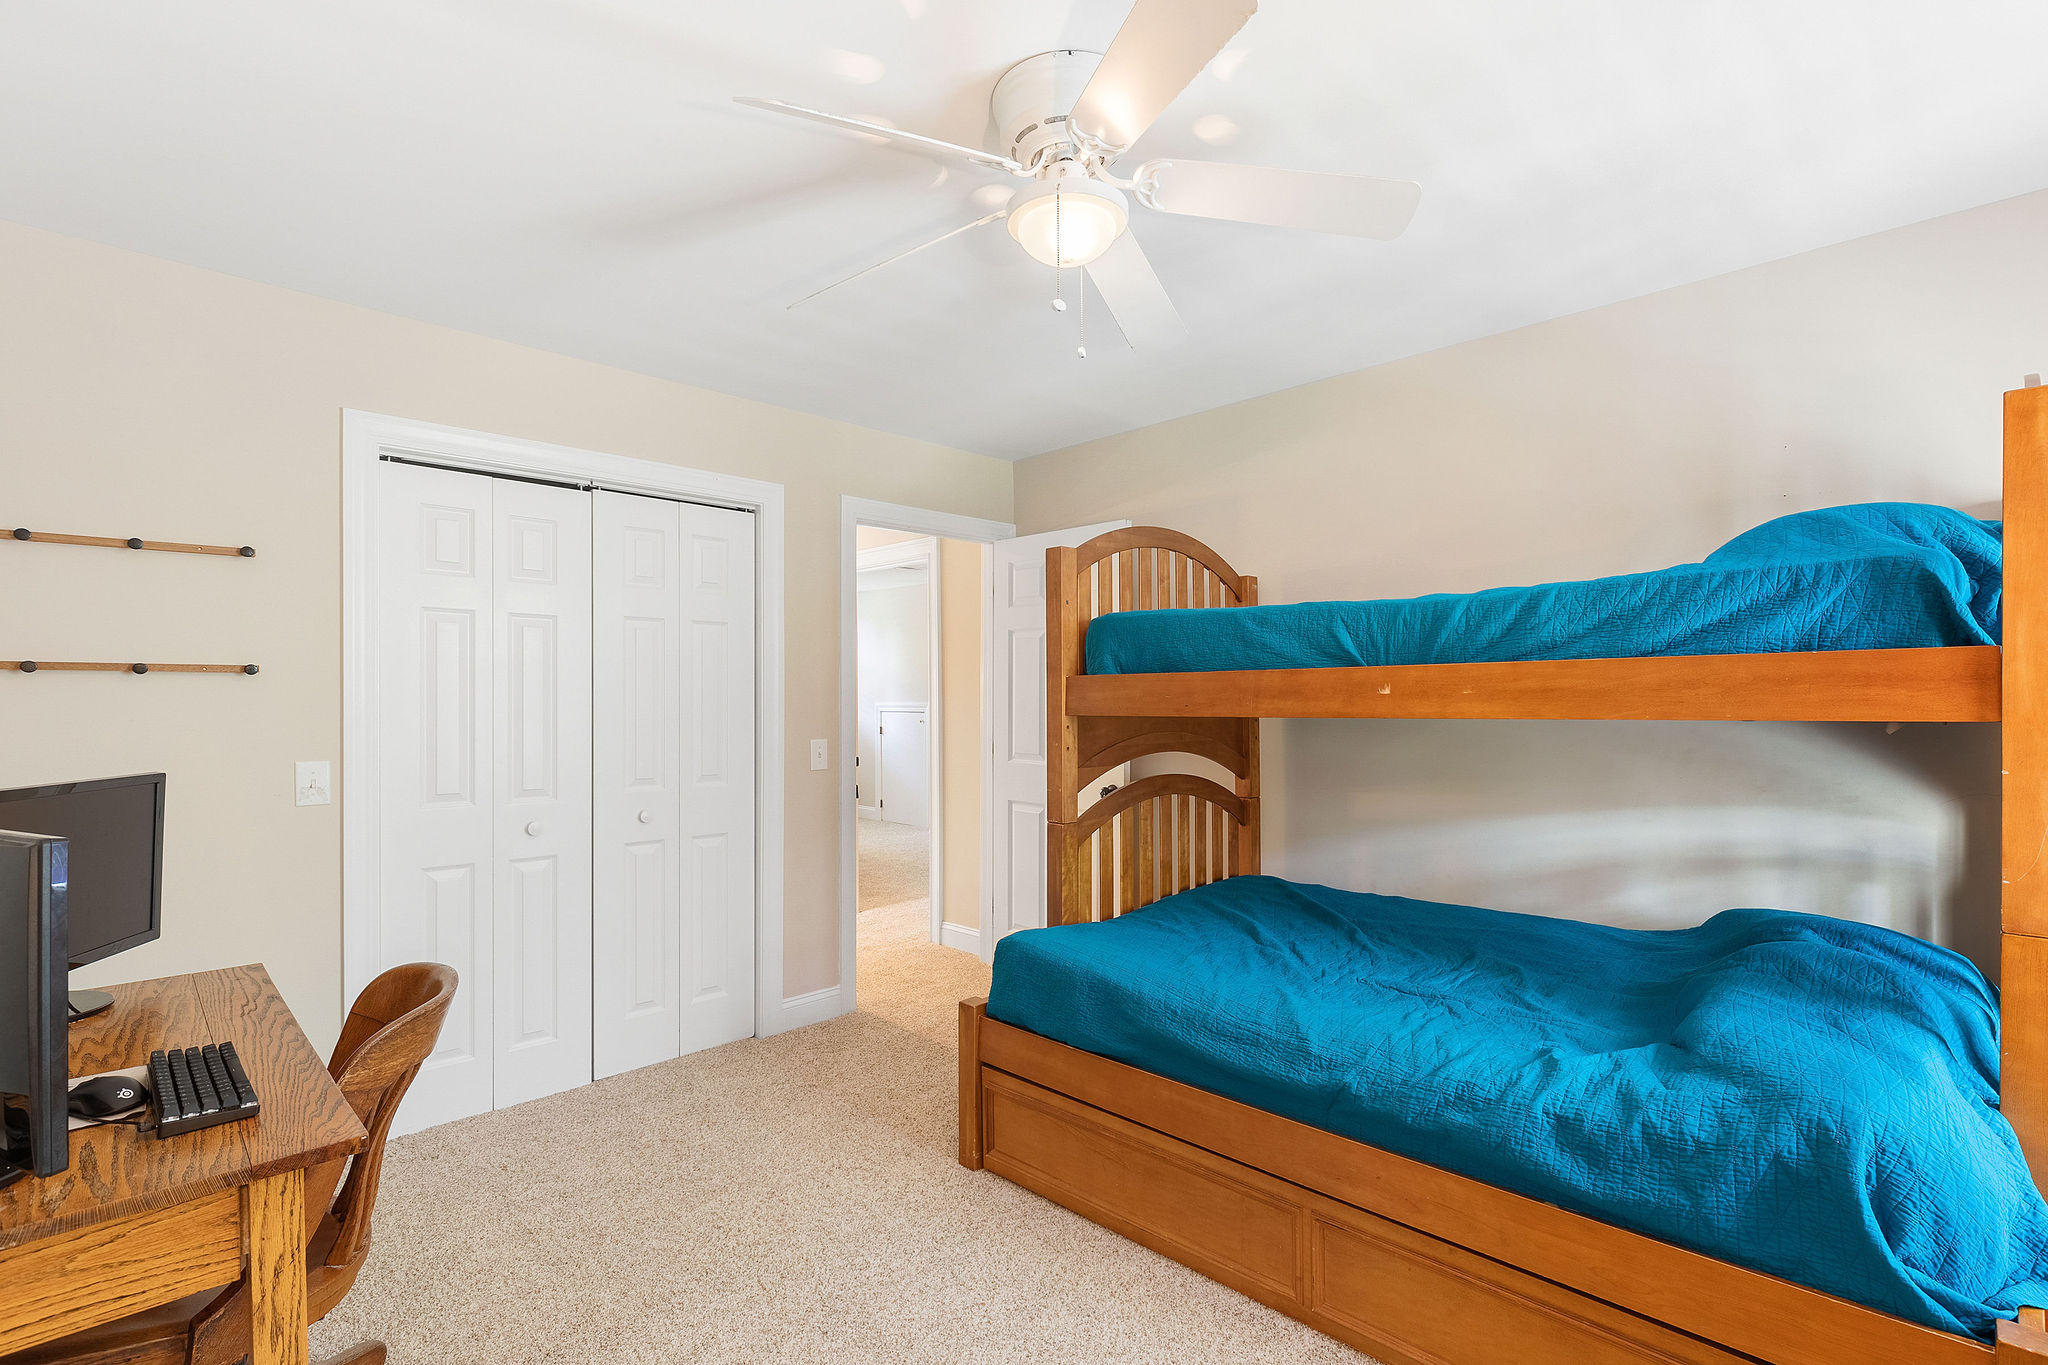 Dunes West Homes For Sale - 3201 Cottonfield, Mount Pleasant, SC - 9